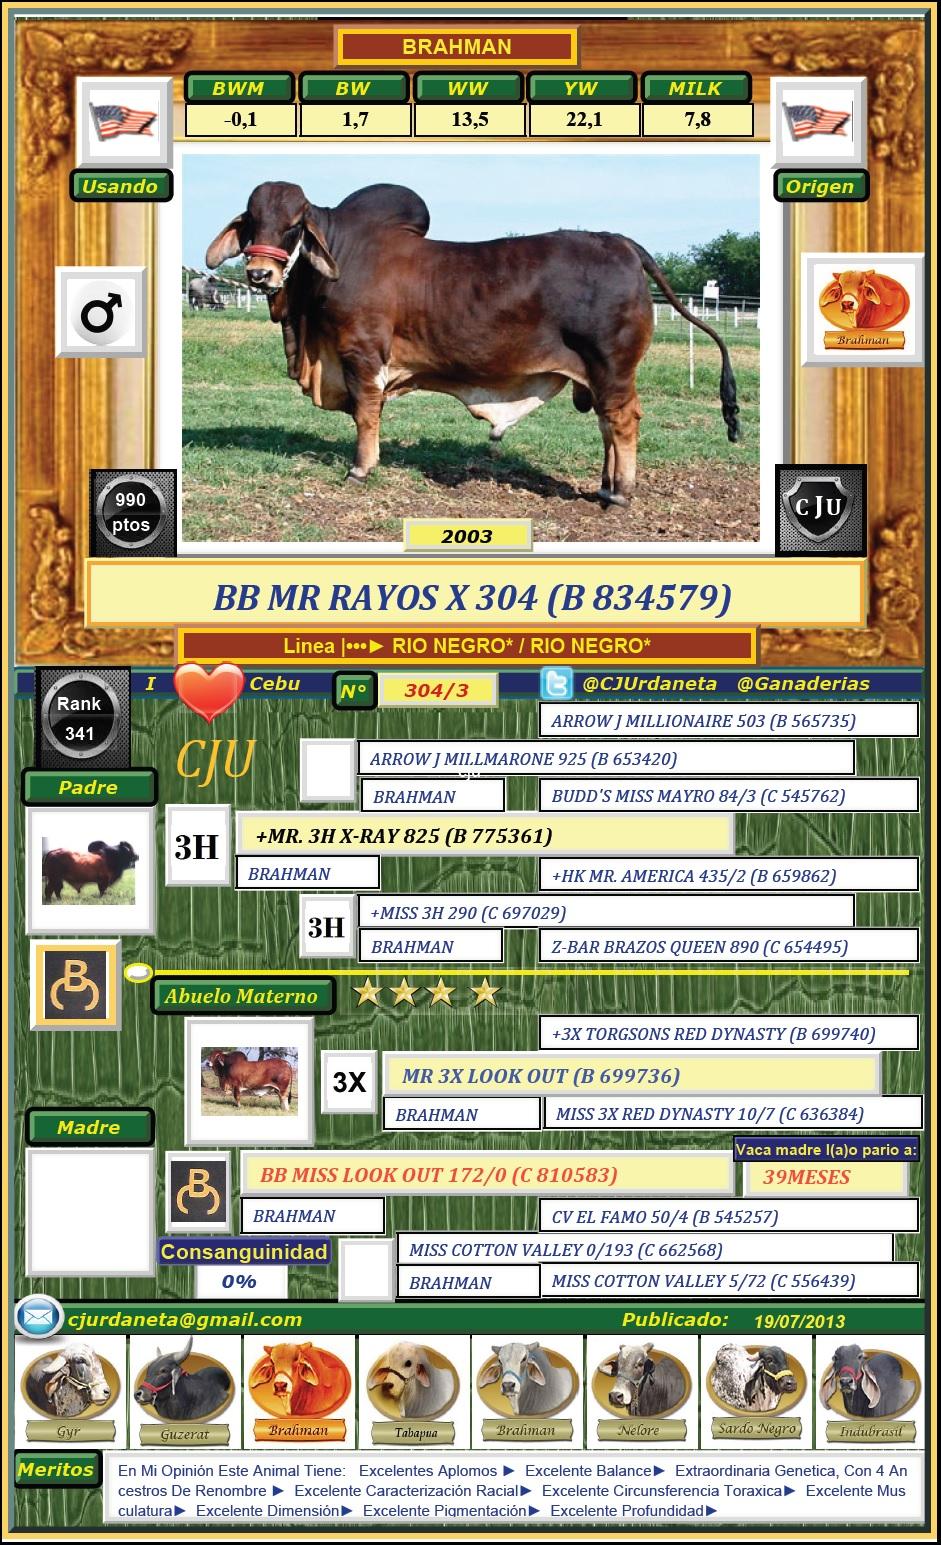 BB MR RAYOS X 304 (B 834579)